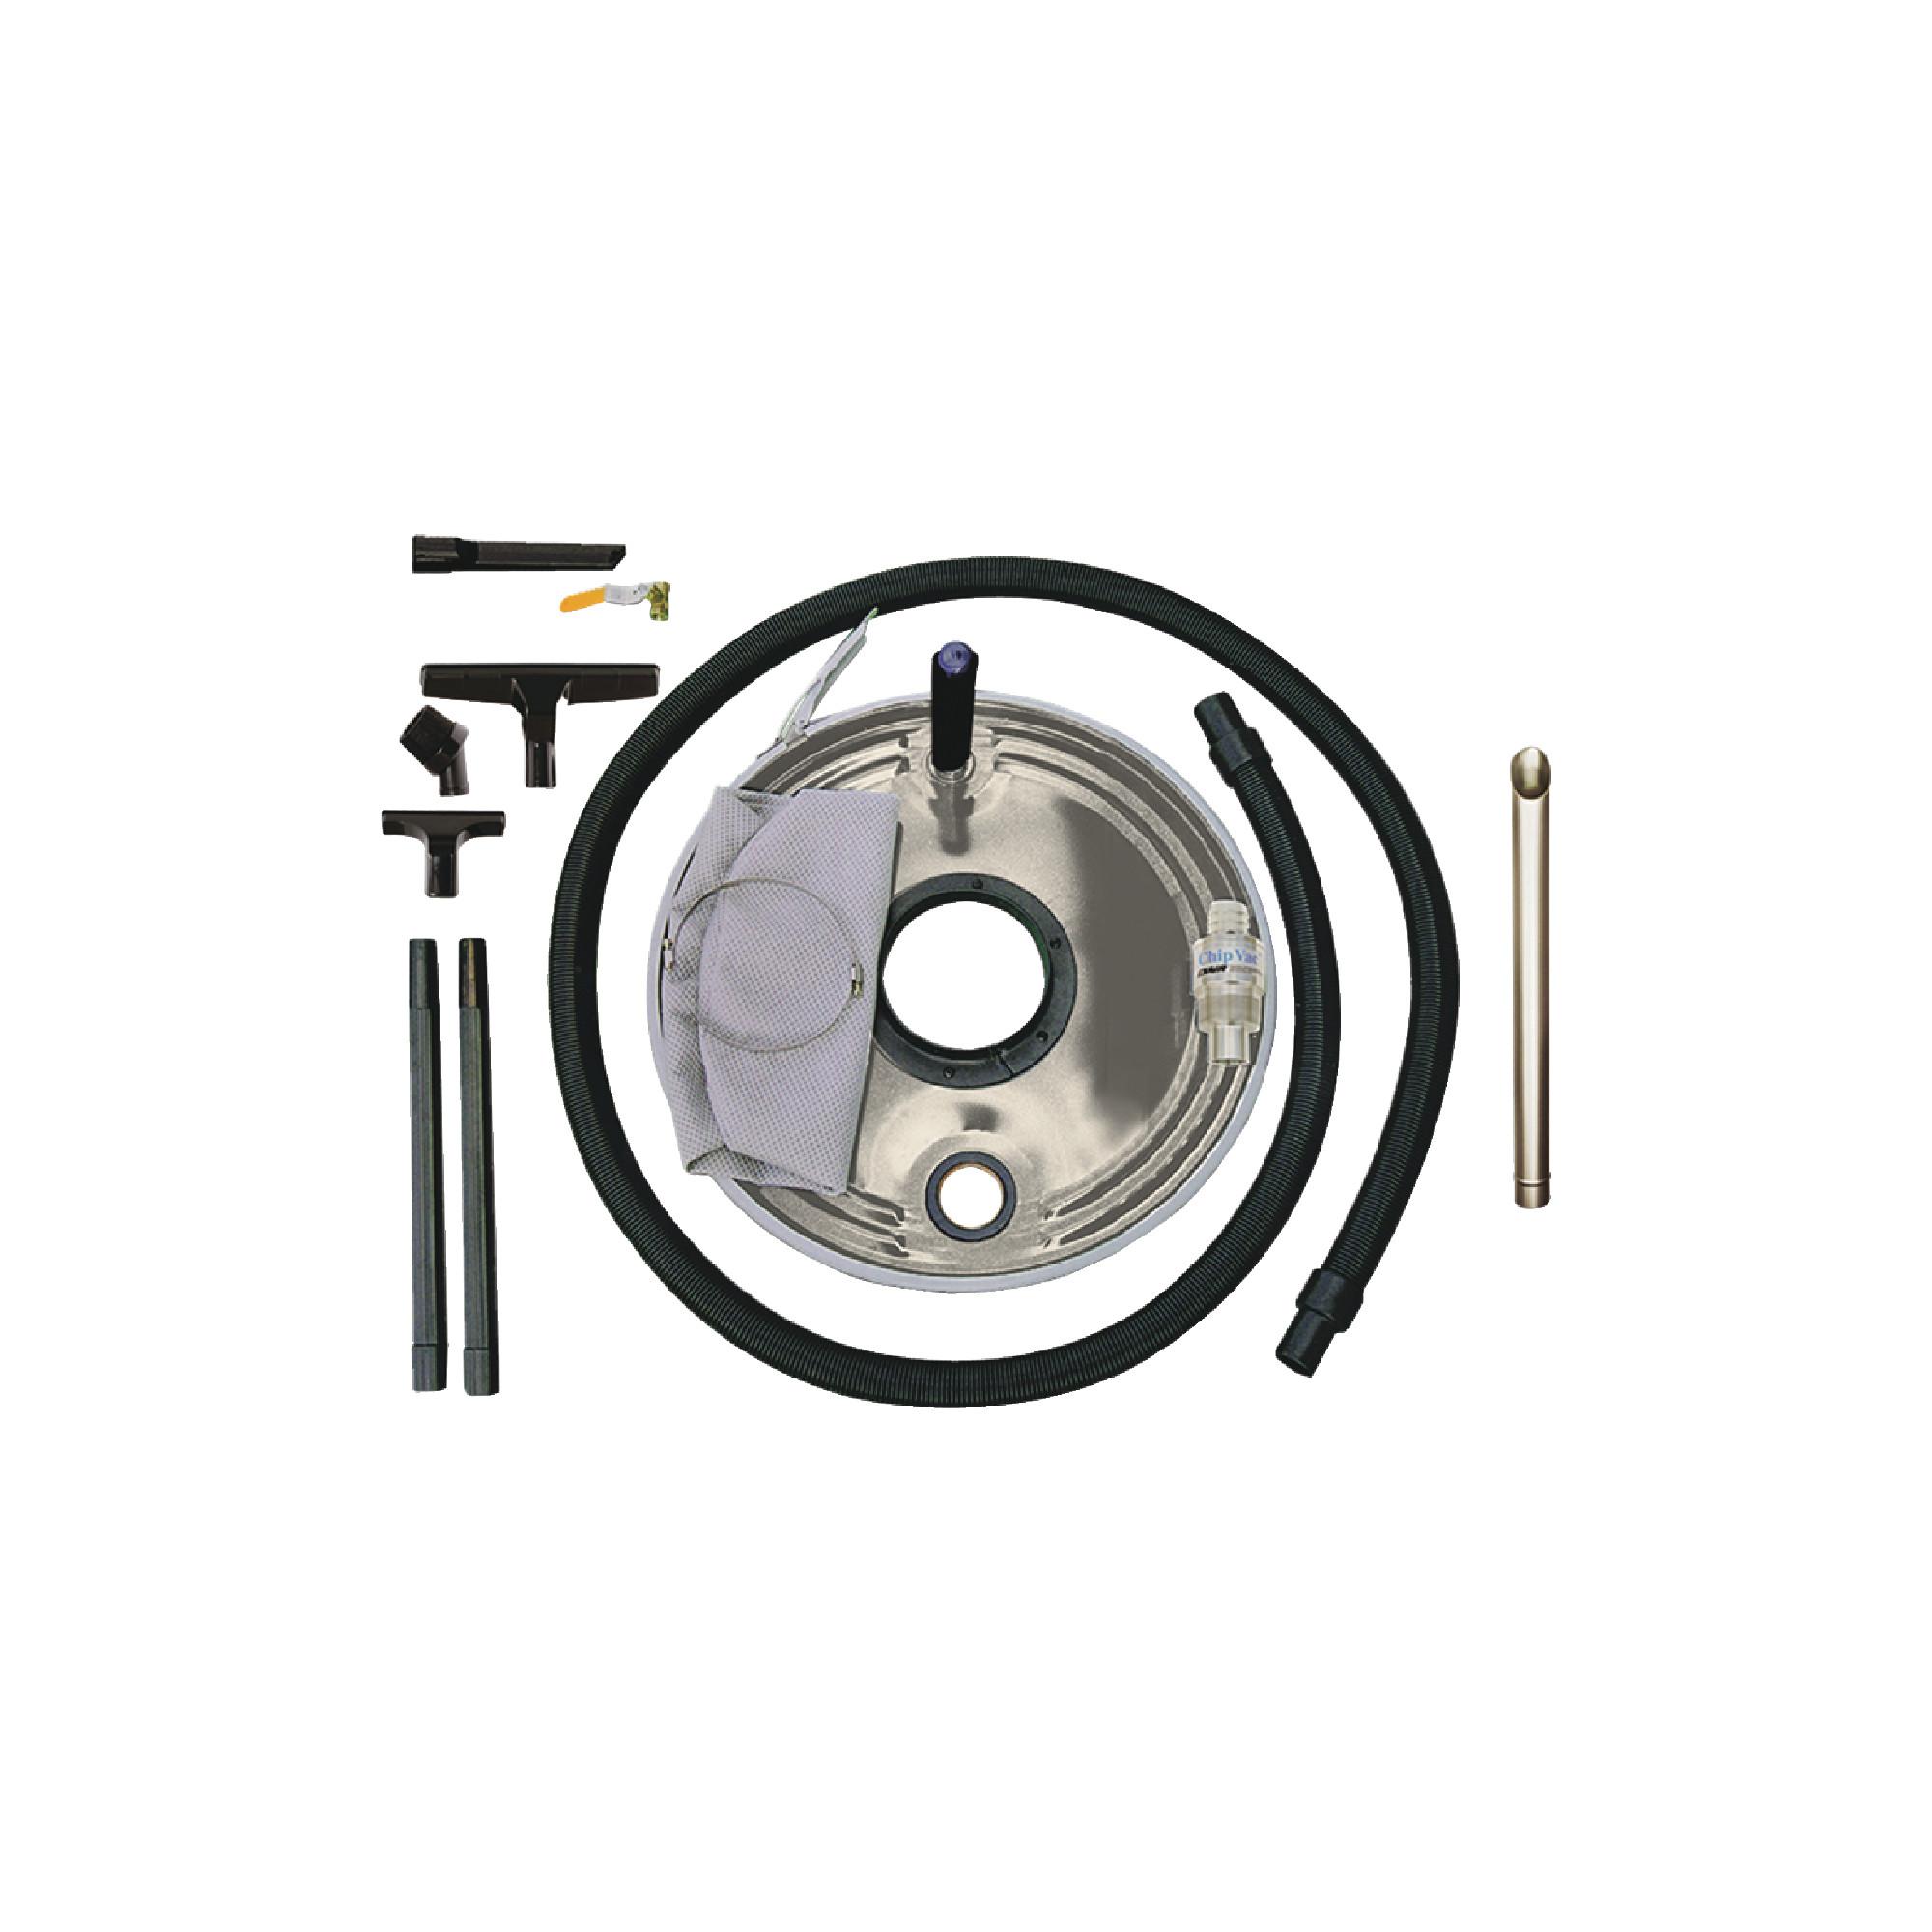 EXAIR 55 Gallon Chip Vac System - Model #:  6193